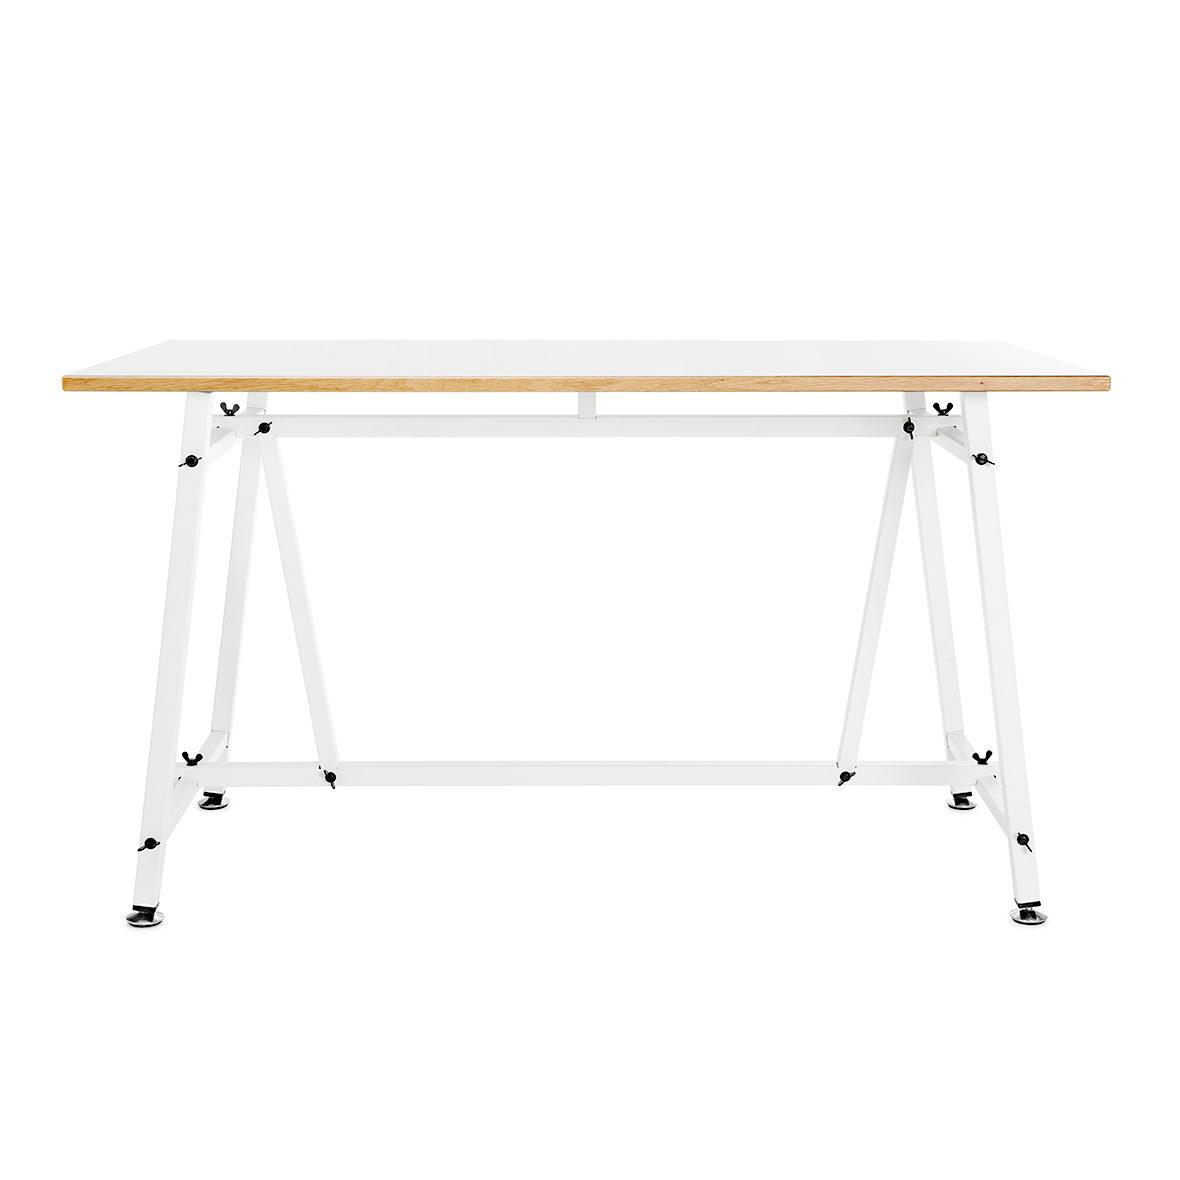 Ateliertisch Modell 4030 weiss von Embru